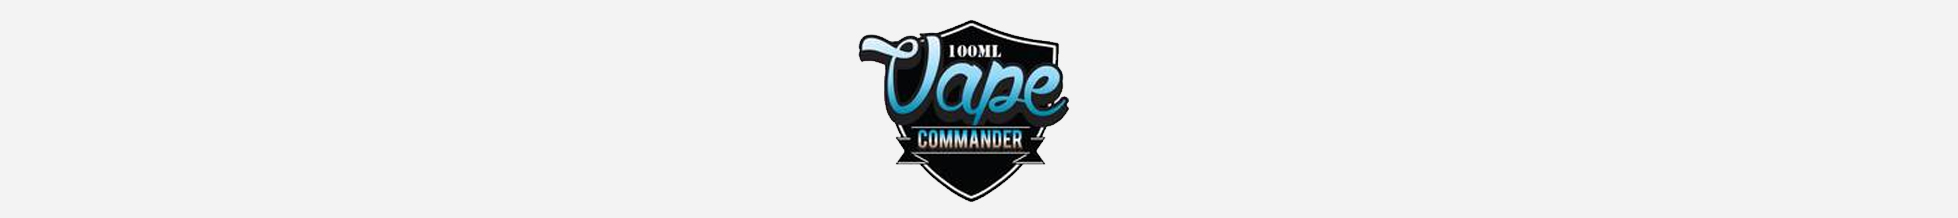 vape-commander.jpg